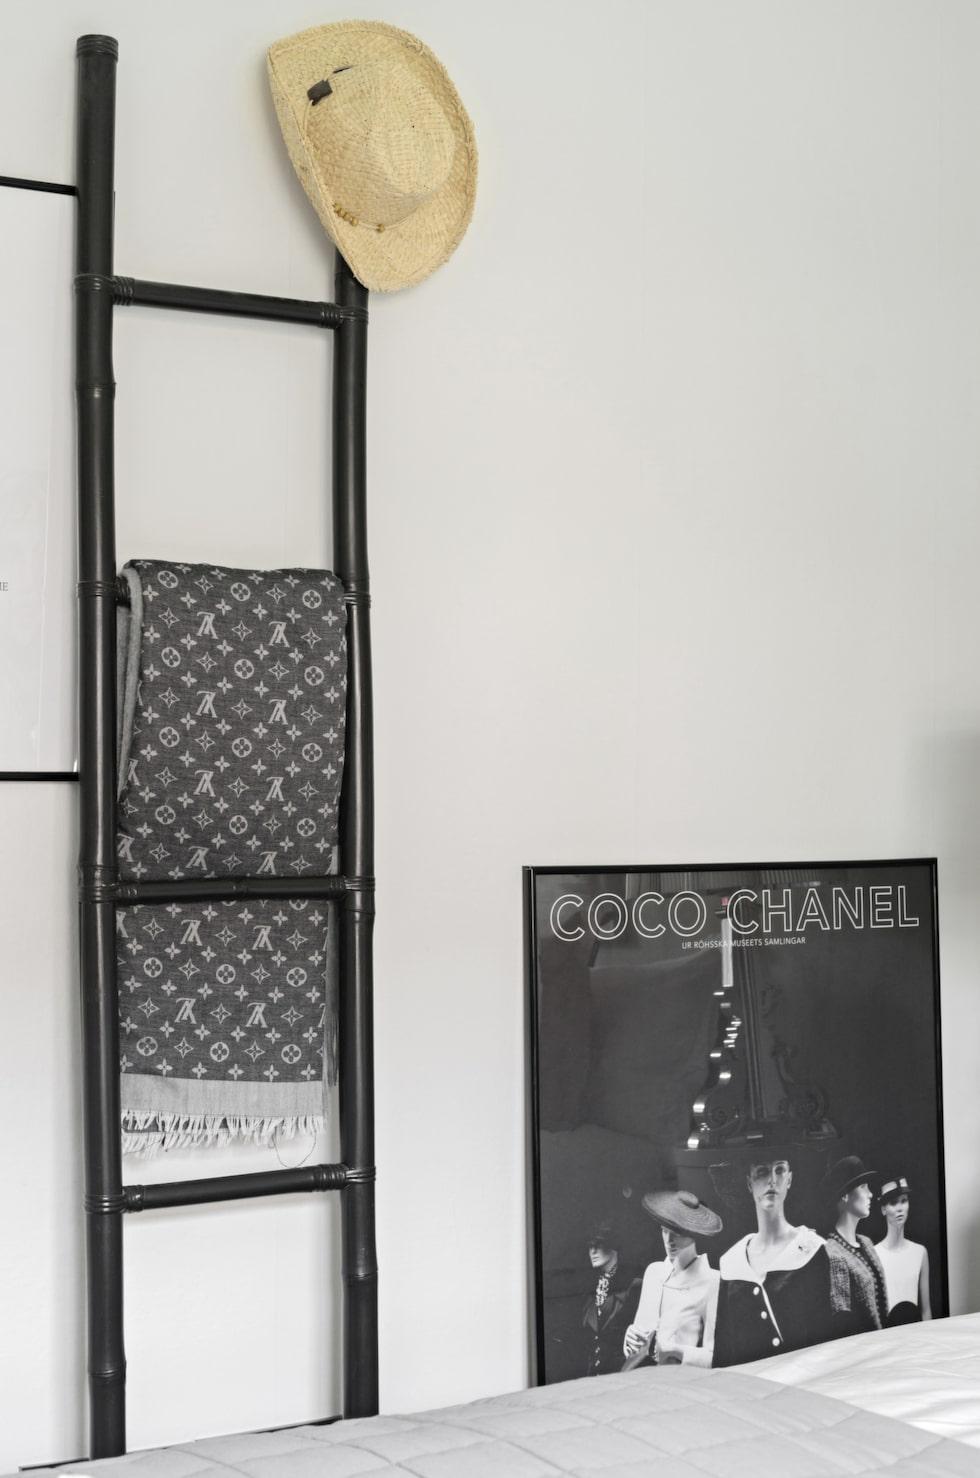 En stege blir en fin väggförvaring i sovrummet. På golvet ett svartvit Chanel-plansch.